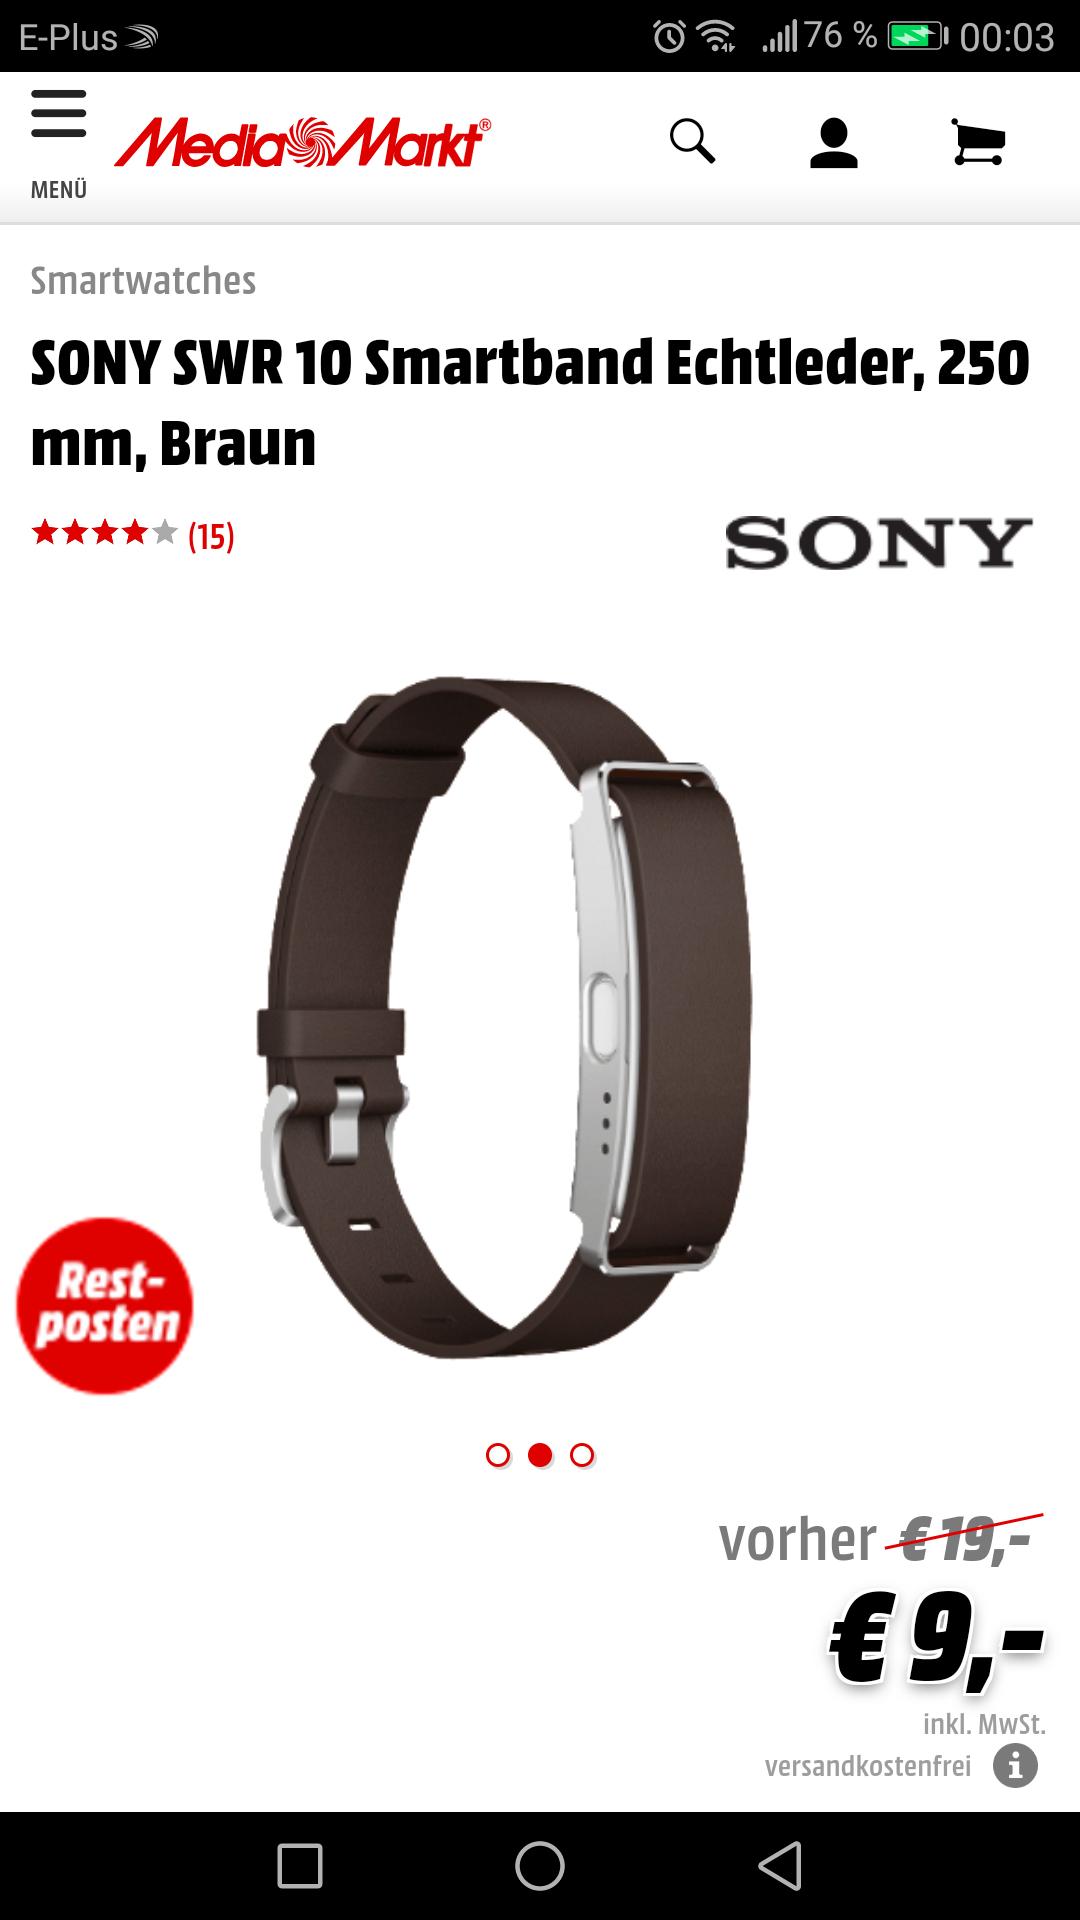 [Media Markt Online] SONY SWR10 Smartband Echtleder Braun 250mm / Versandkostenfrei